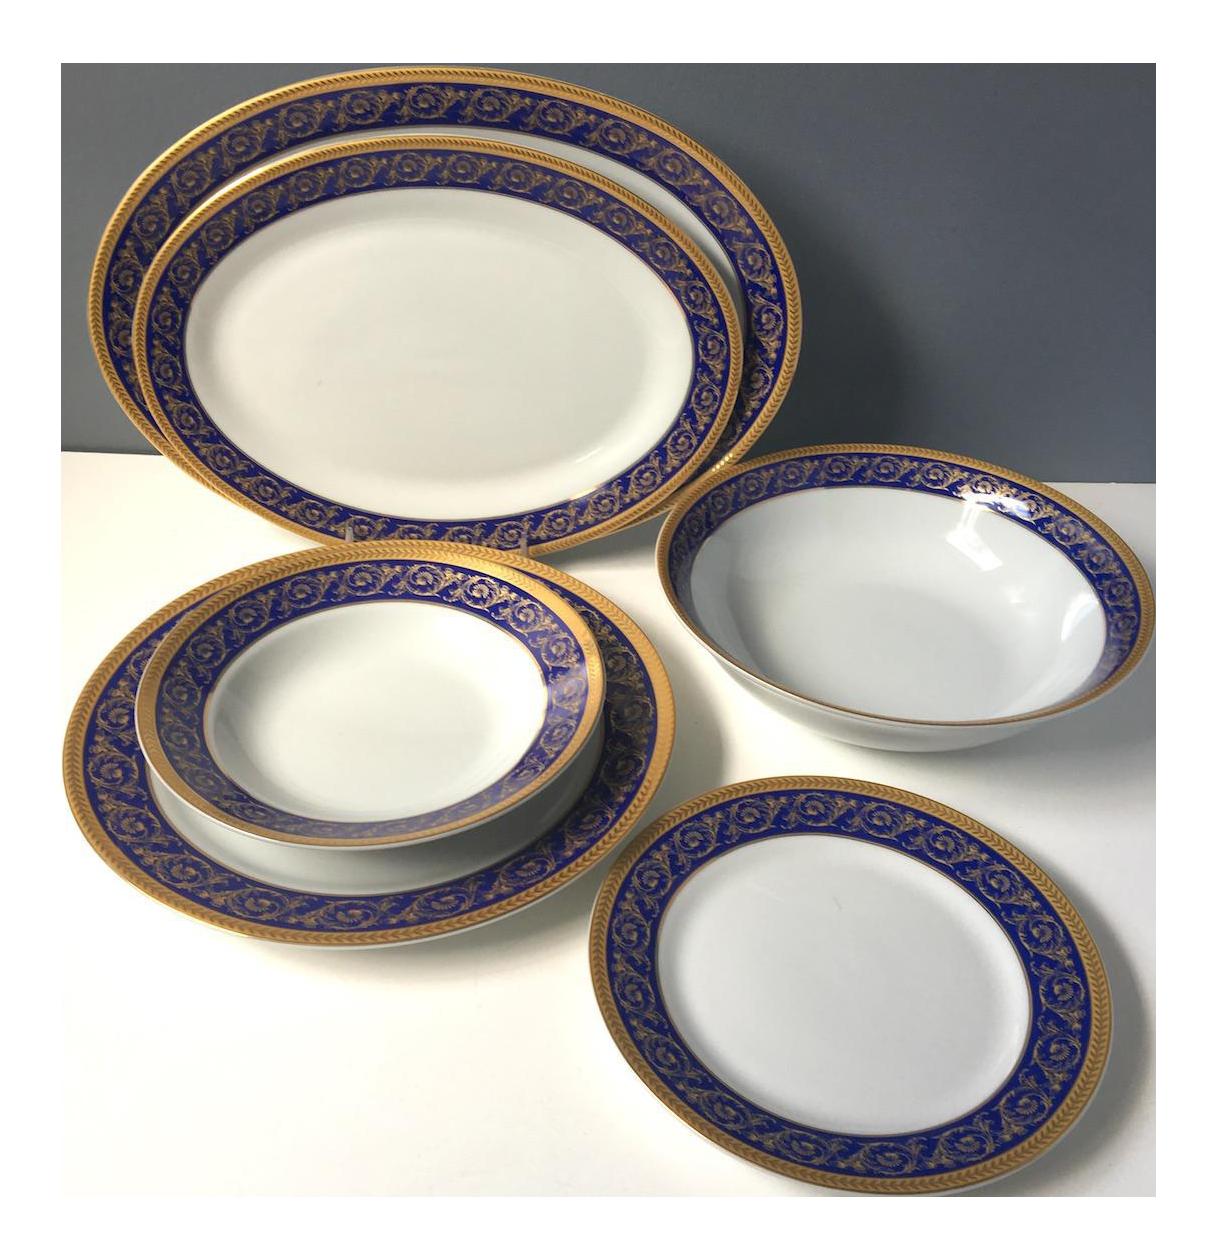 Sorelle Fine Porcelain Cobalt Blue and Gold Set for 8 Dinnerware (27 Pcs.)  sc 1 st  Chairish & Sorelle Fine Porcelain Cobalt Blue and Gold Set for 8 Dinnerware (27 Pcs.)